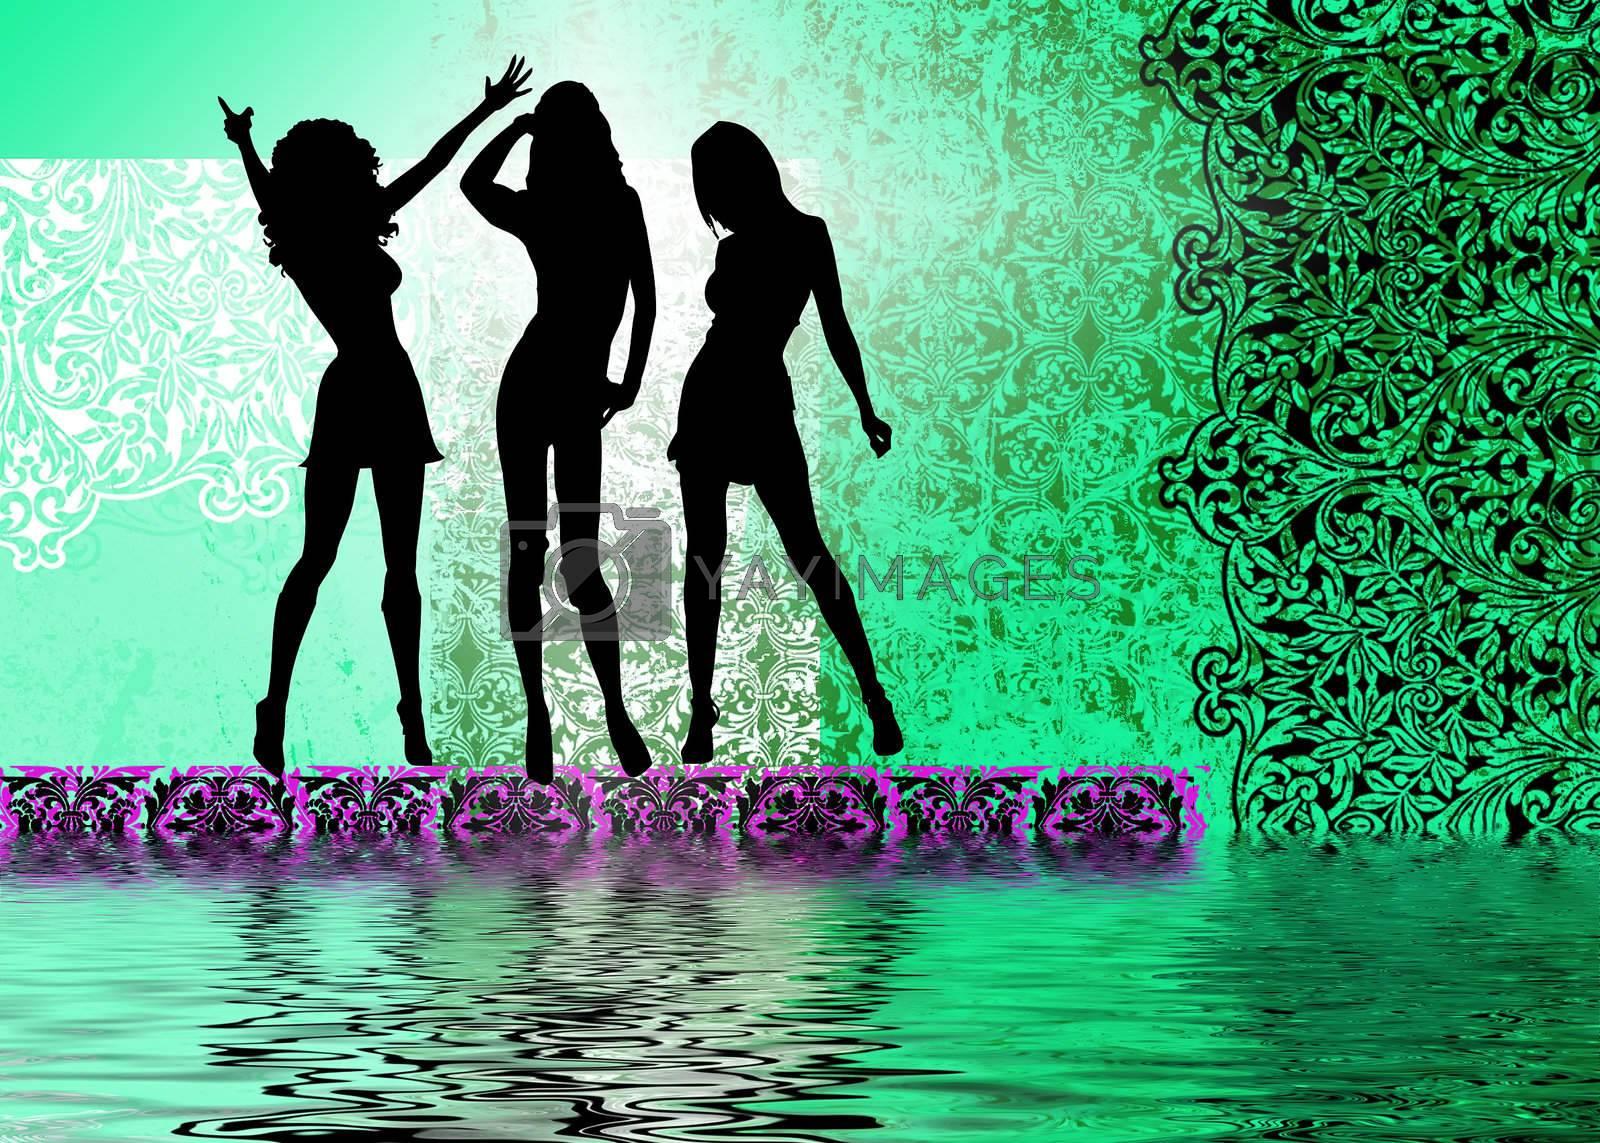 Night club girls by redfig